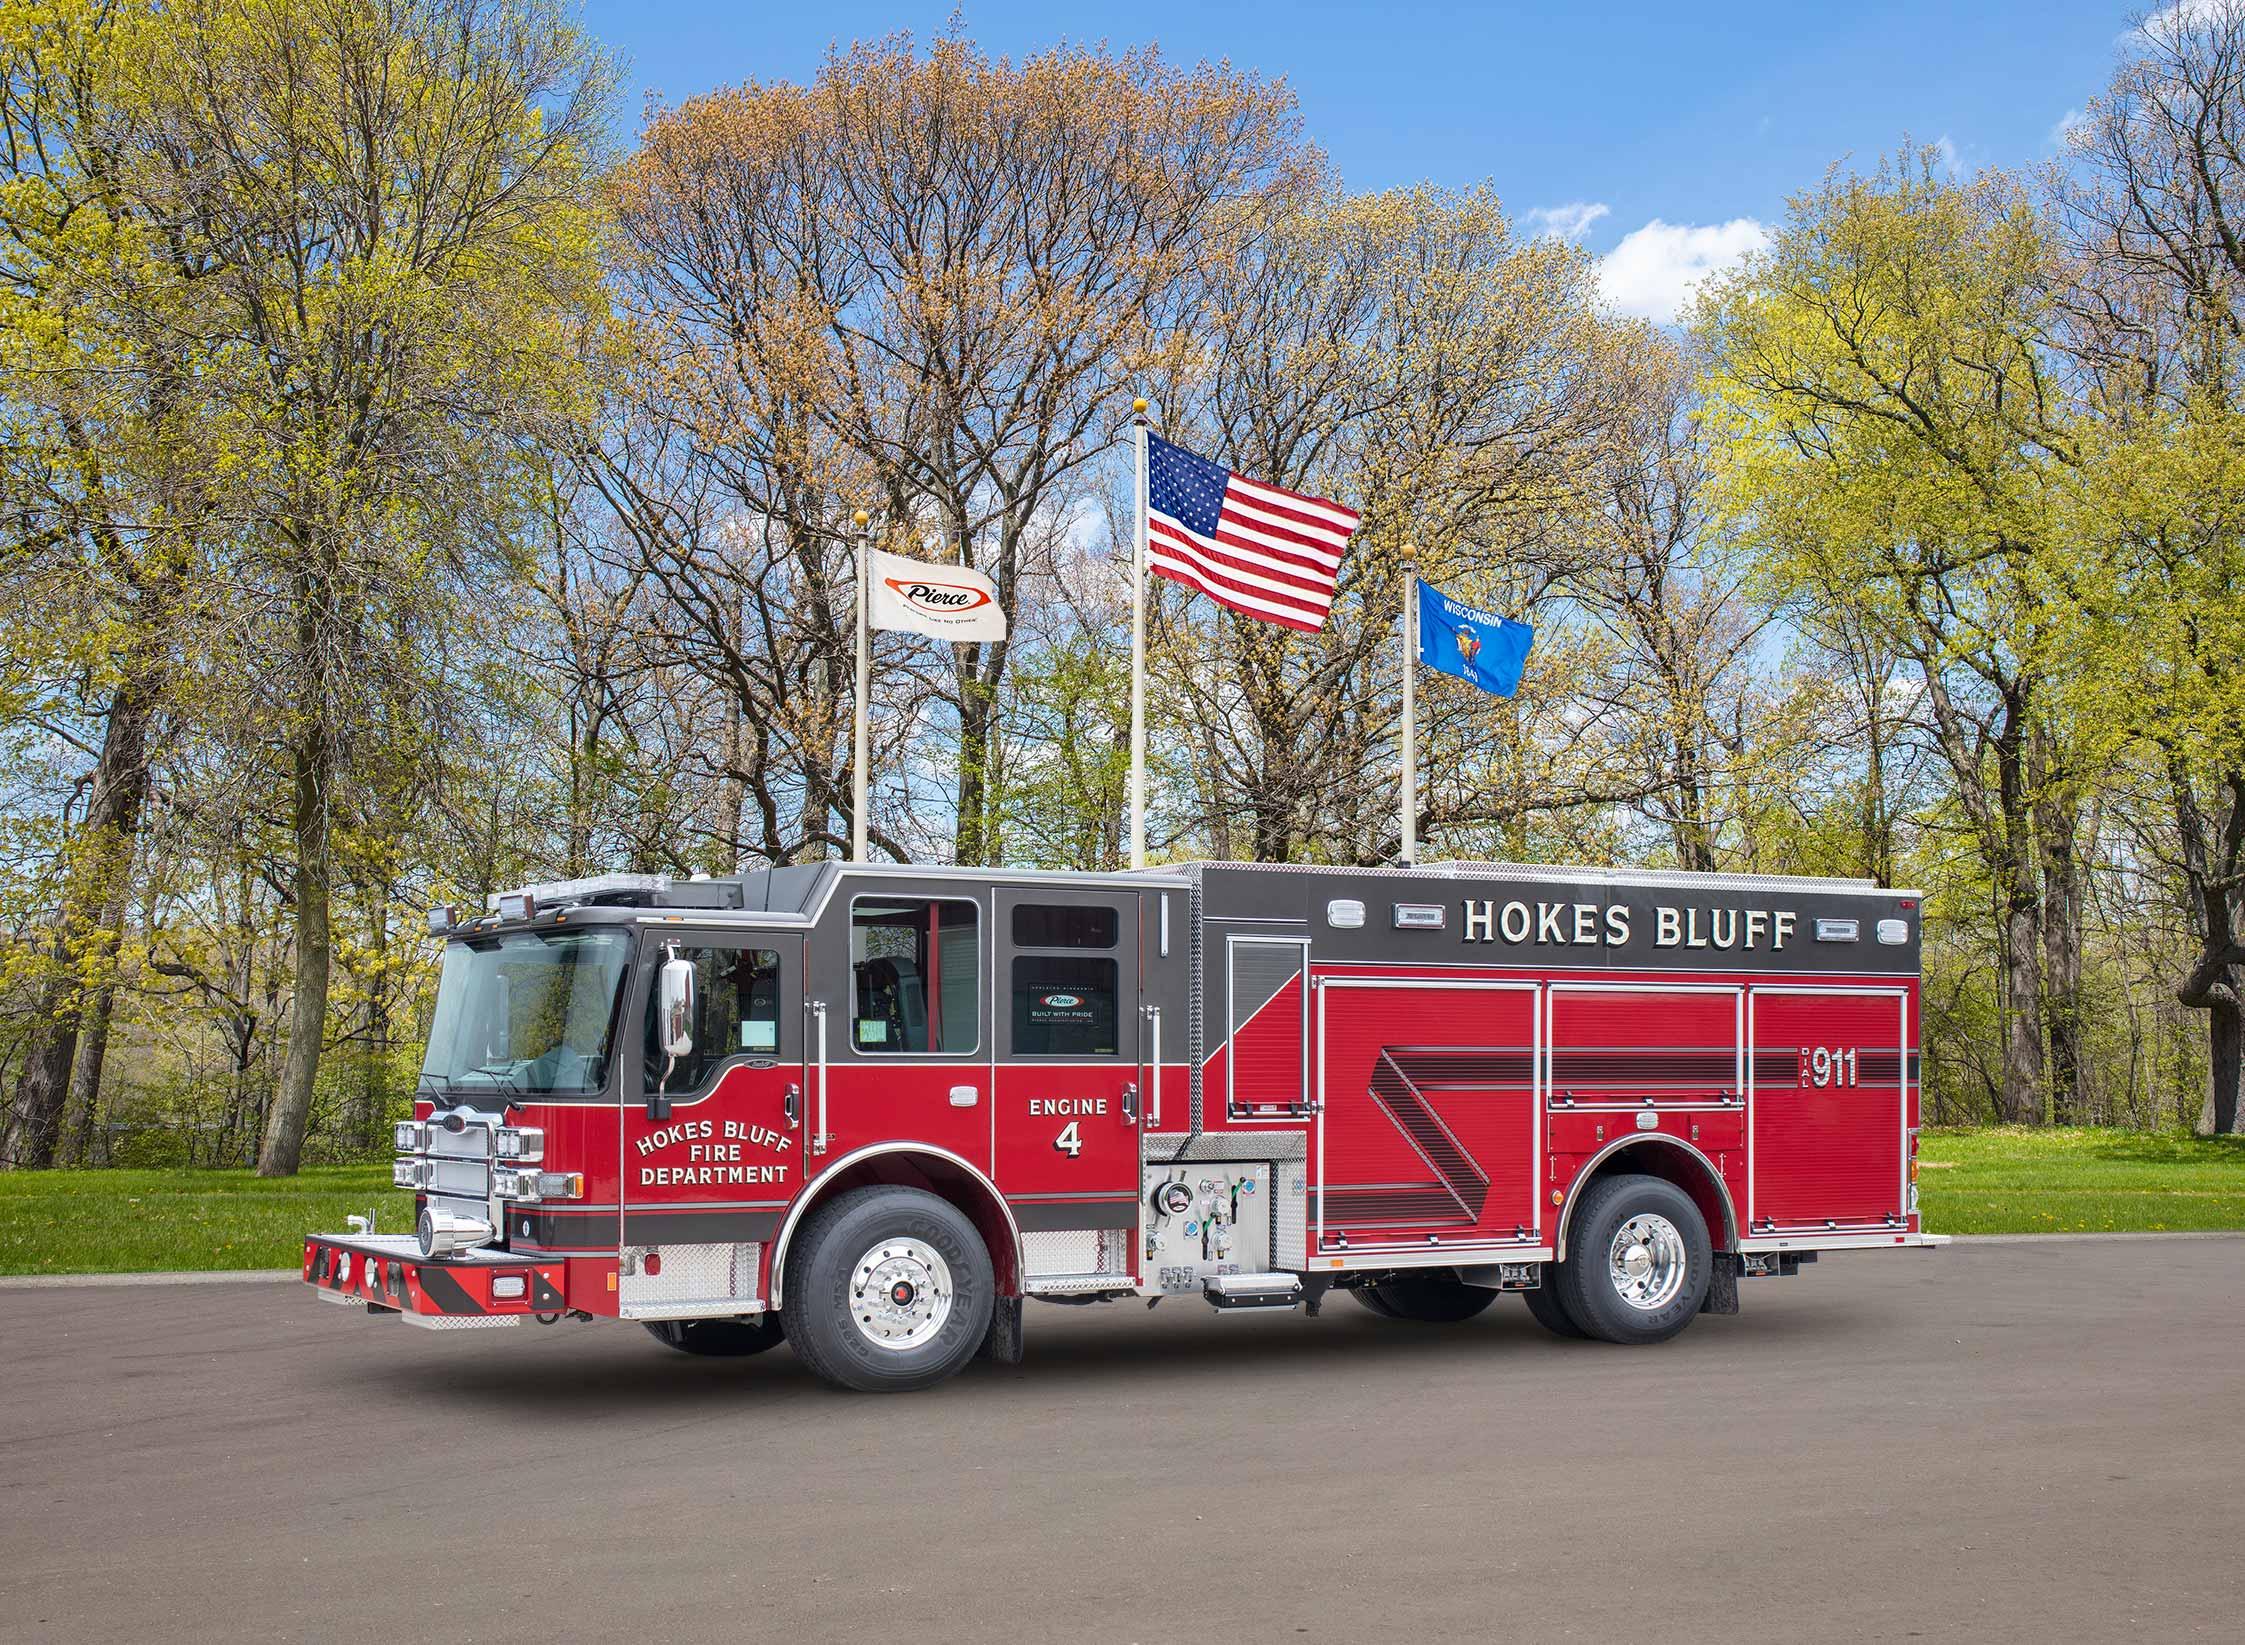 Hokes Bluff Fire Department - Pumper